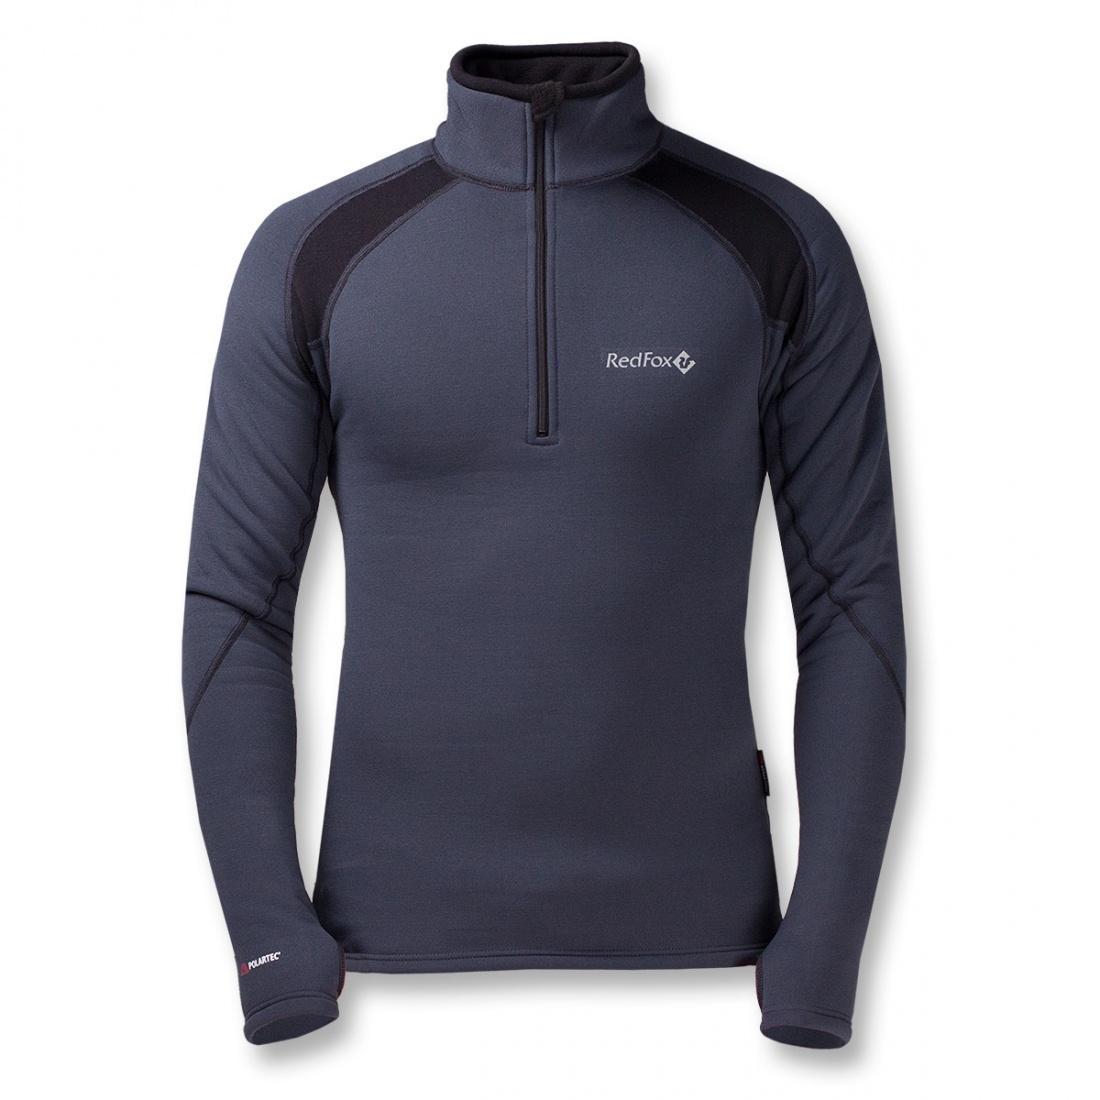 Термобелье пуловер Penguin Power Stretch MФутболки<br>Мужской пуловер. Предназначен для использования в качестве нижнего слоя в суровых погодных условиях.<br>Благодаря использованию материала Polartec® Power Stretch® Pro пуловер не стесняет движений и создаёт благоприятный микроклимат для тела.<br> ...<br><br>Цвет: Темно-серый<br>Размер: 58